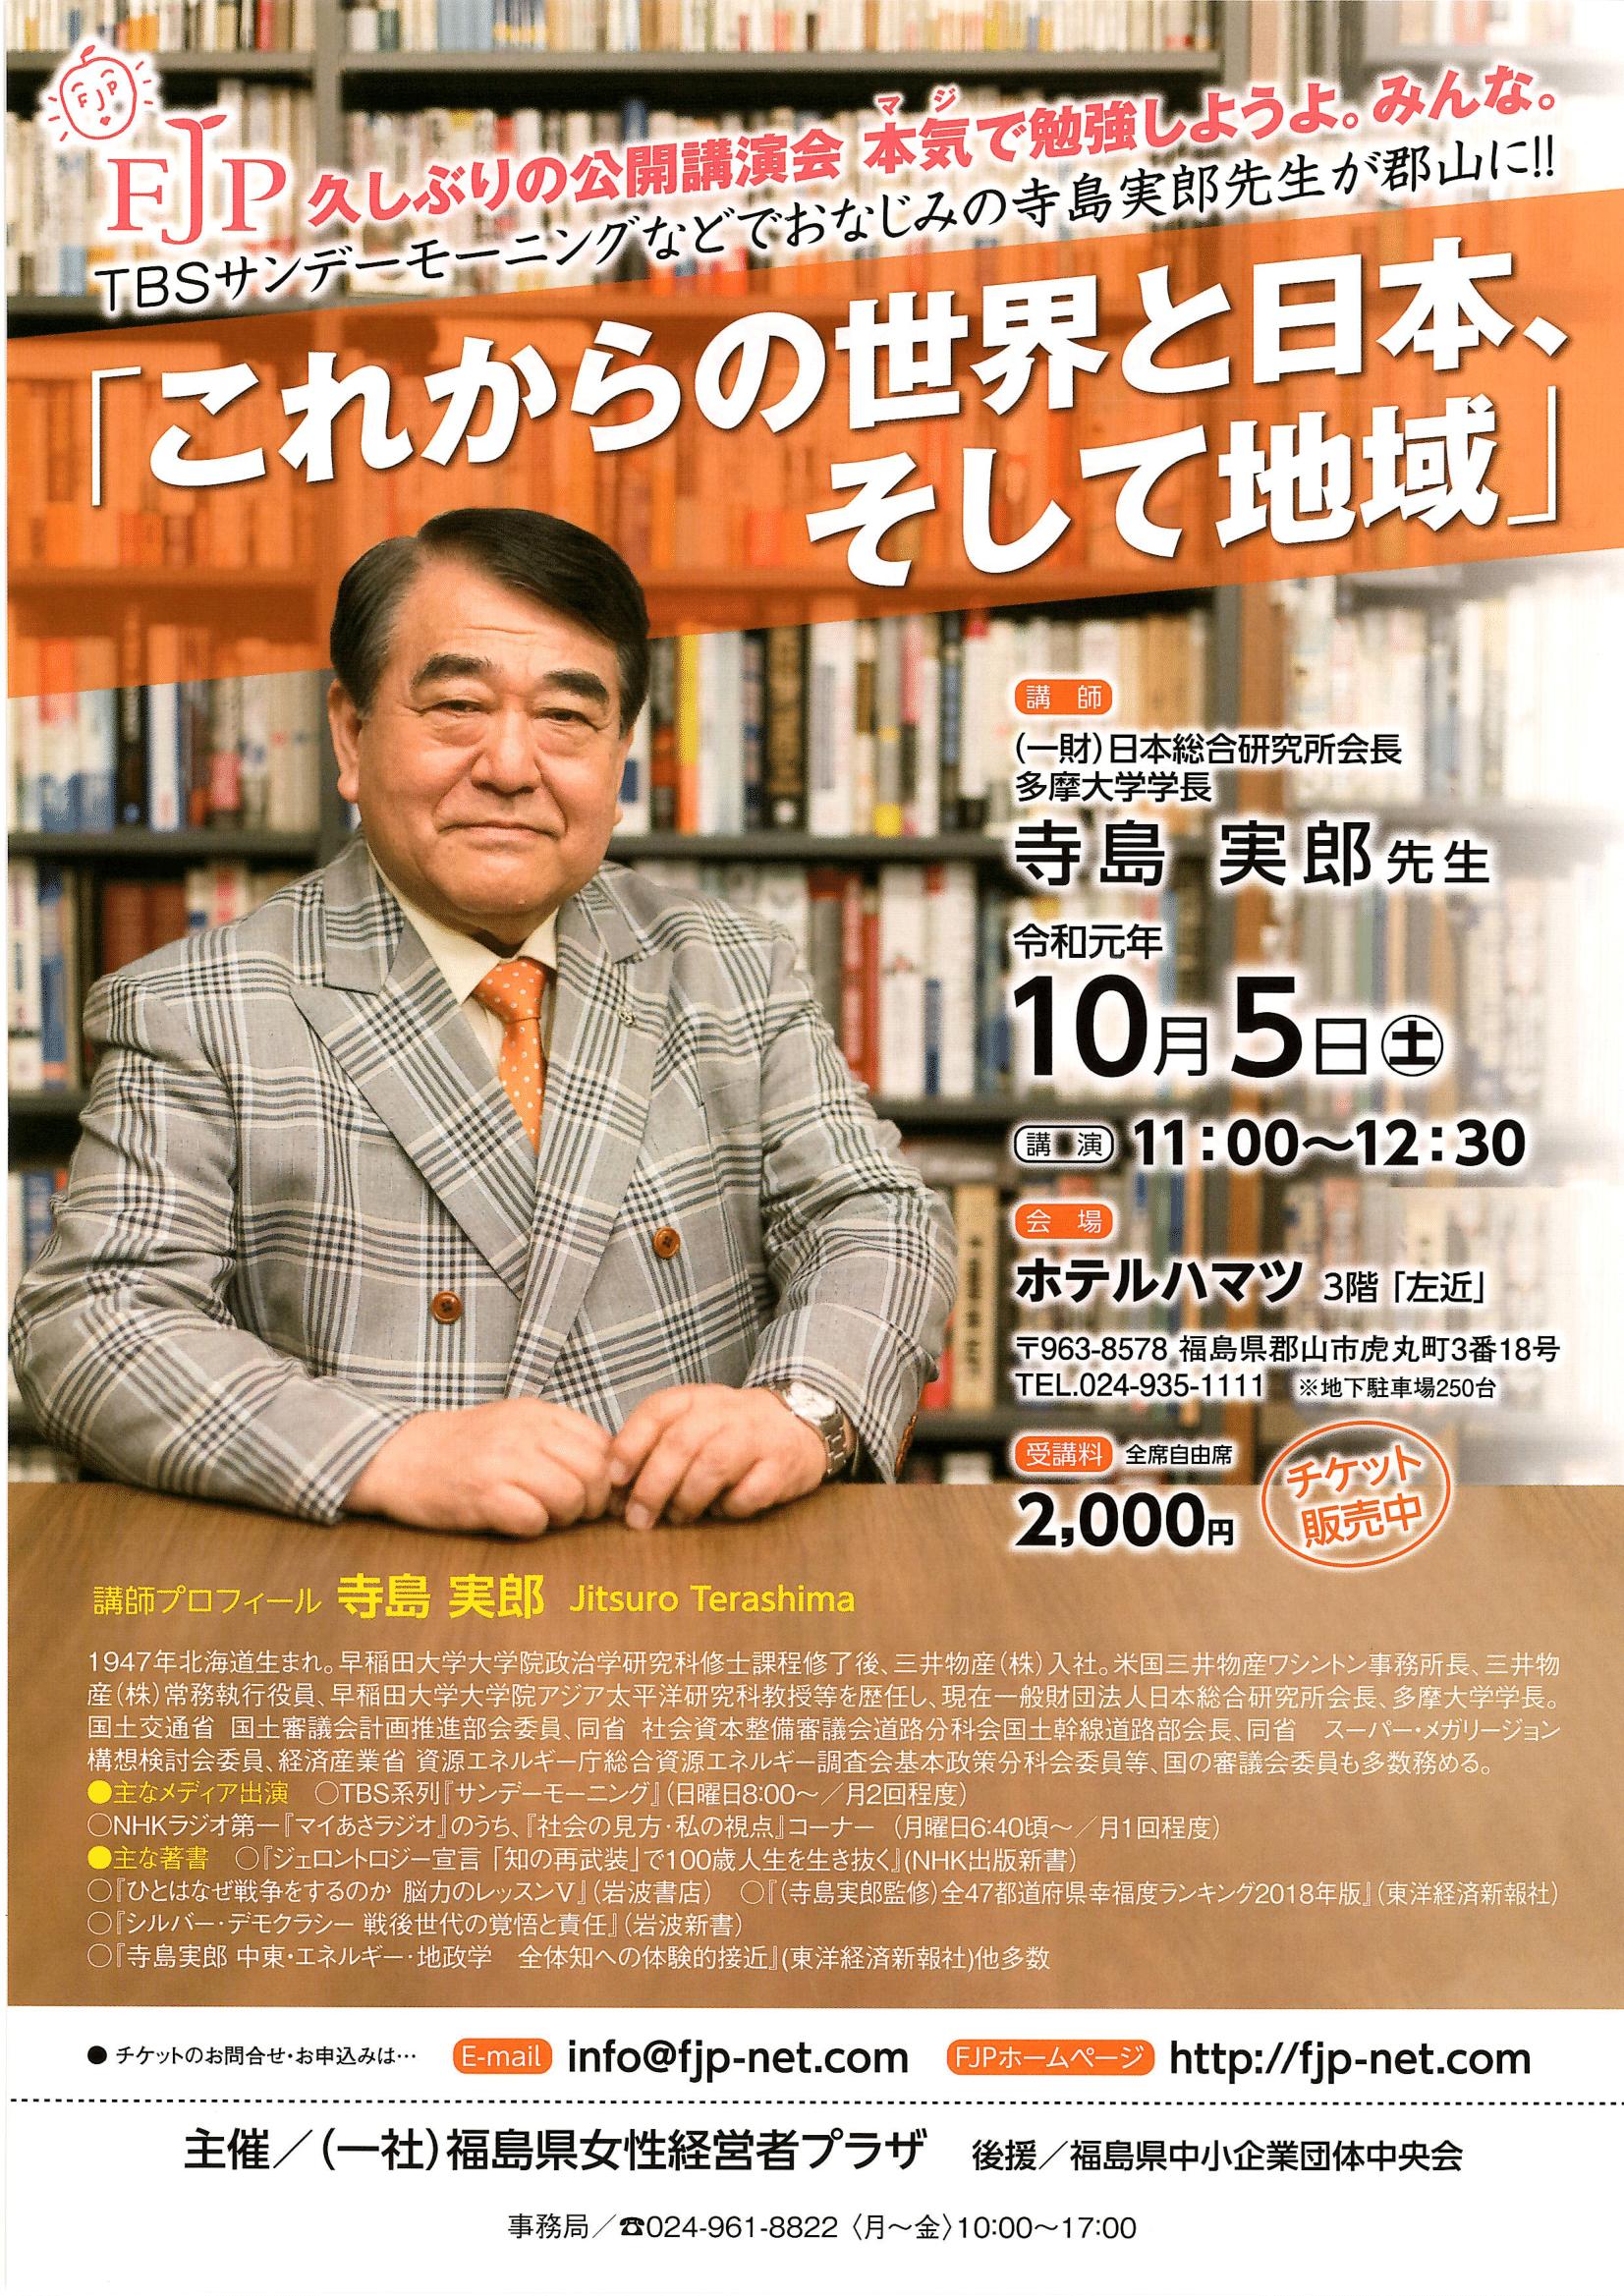 寺島実郎先生「これからの世界と日本、そして地域」のイメージ